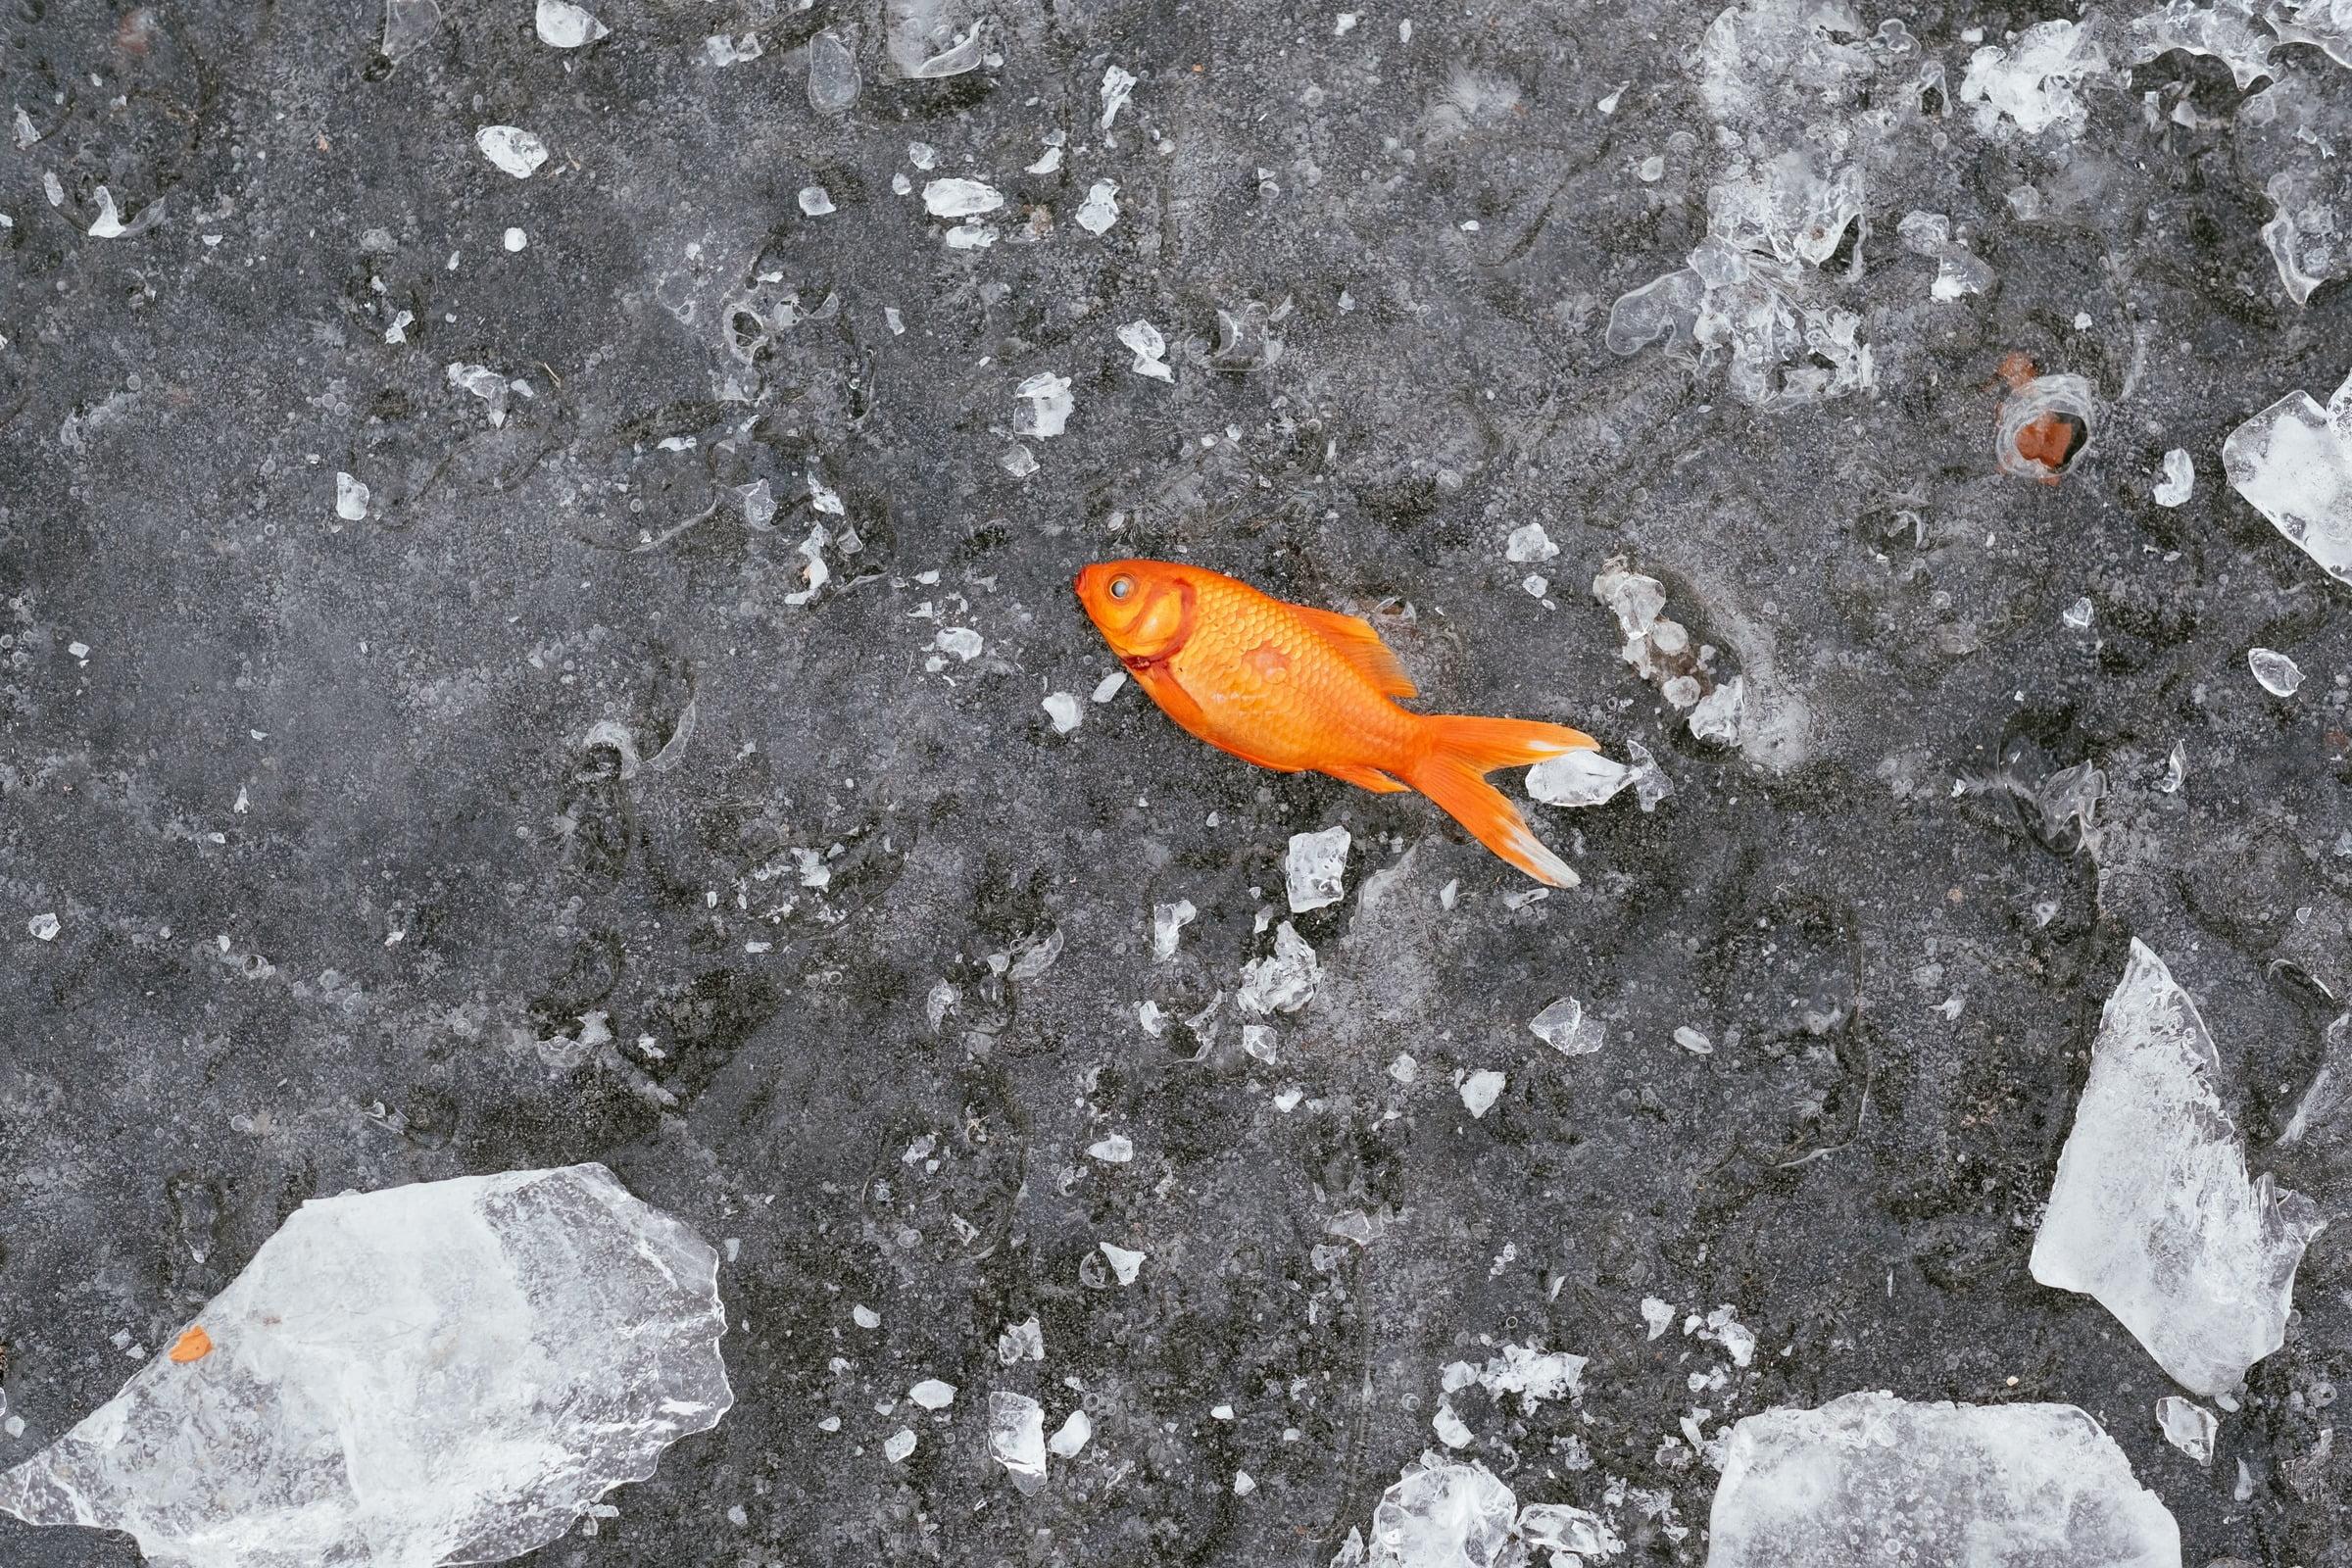 聲明稿:保衛漁民海洋永續生存權,抗議日本決定排核廢水入海,反對以鄰為壑的轉型軍國主義